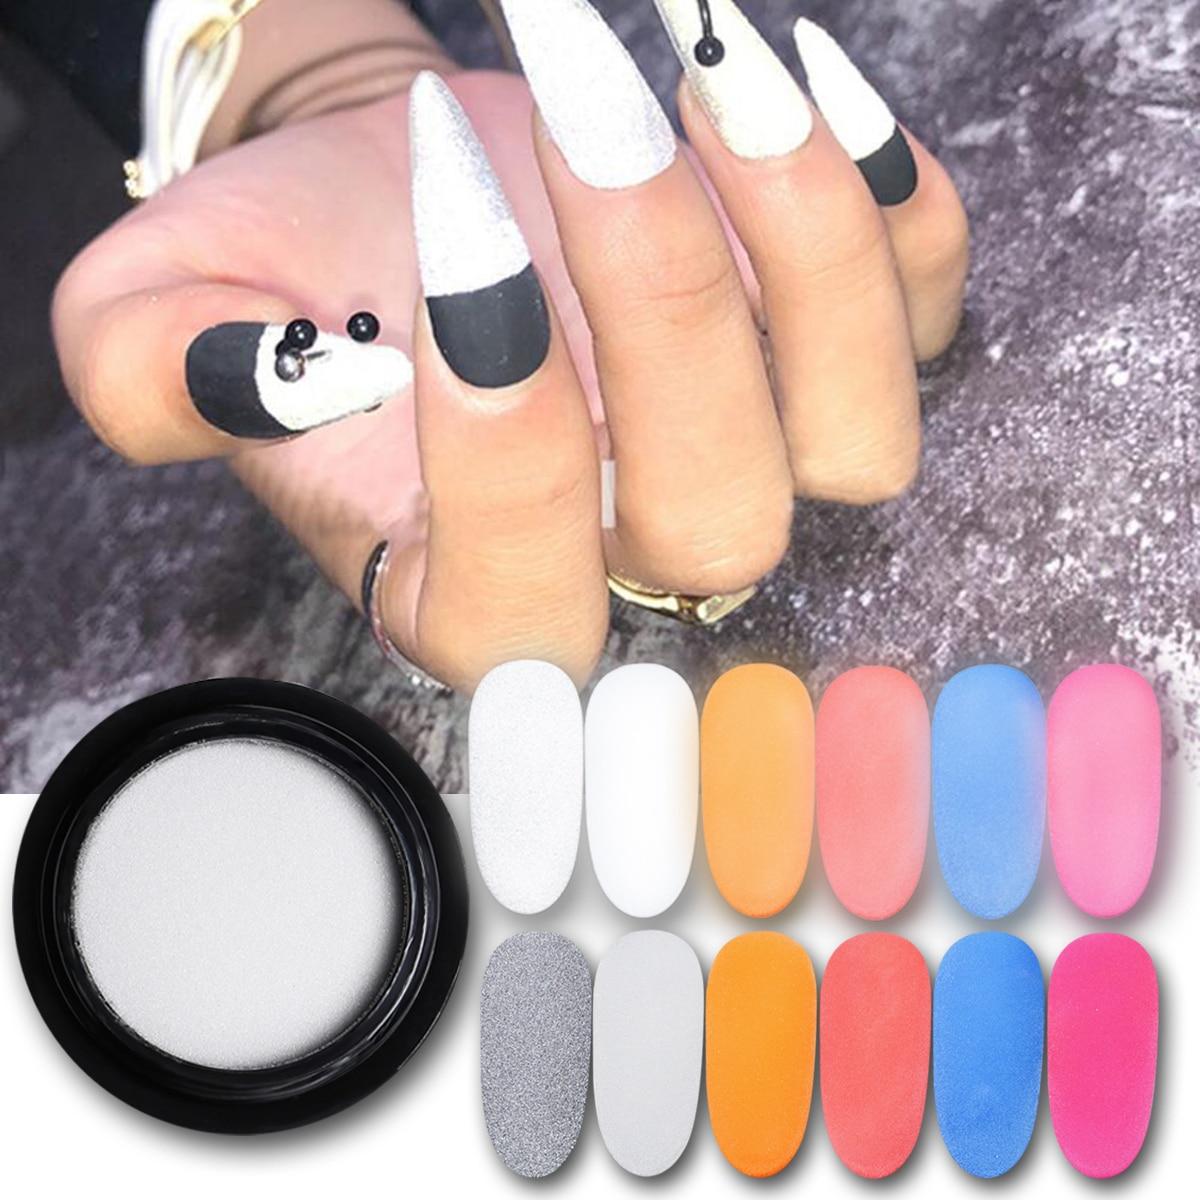 2 uds 2g polvo de uñas reflectante Nightclub encantos uña holográfico, con brillo cromo pigmento polvo DIY Nail Art Decoración